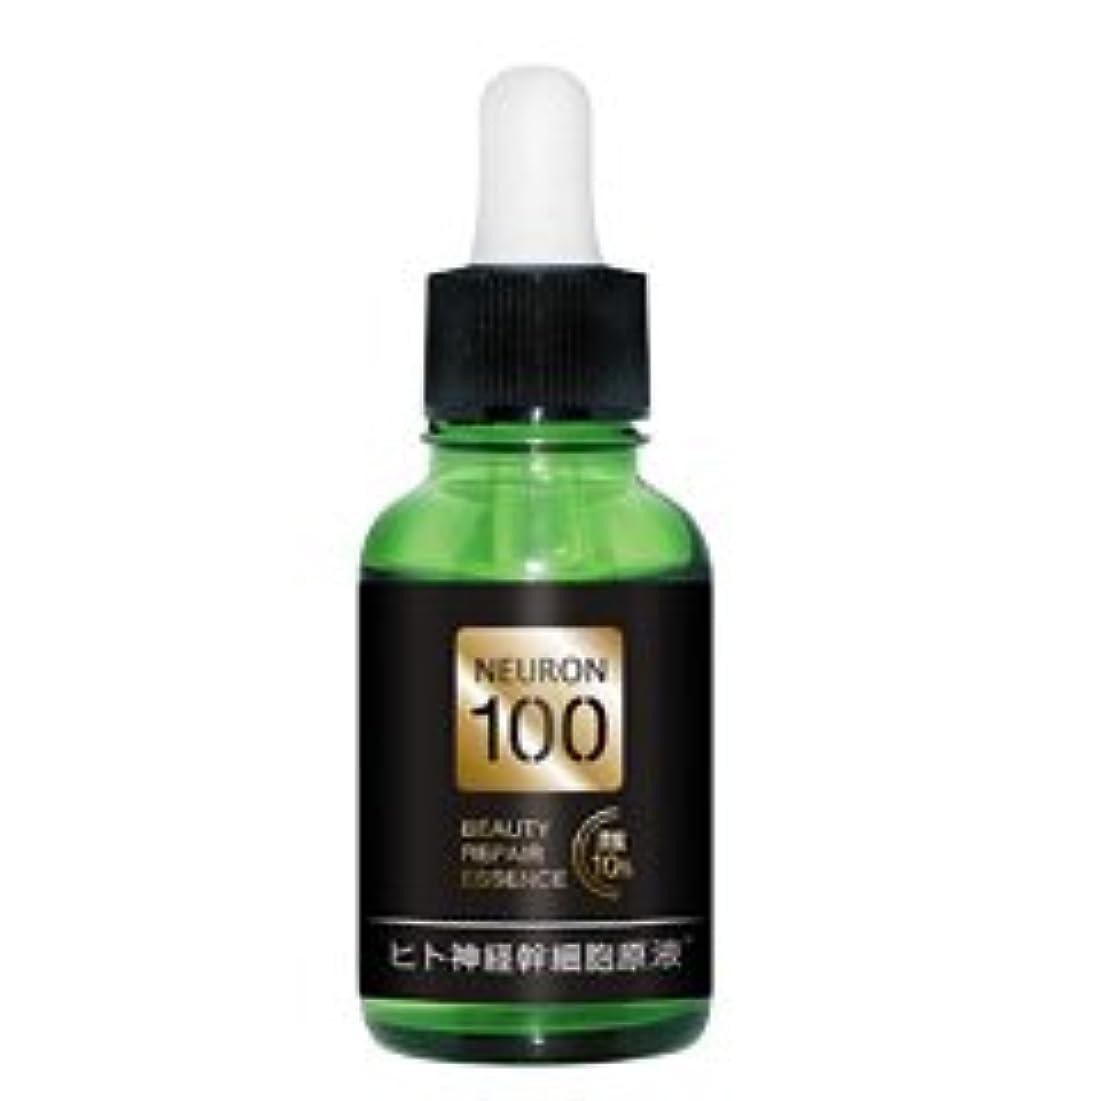 一致雲卑しい【濃度10%】 ニューロン100 NEURON100 ヒト由来神経幹細胞培養液 サロン仕様品 ギフトにも最適 美容液 30ml